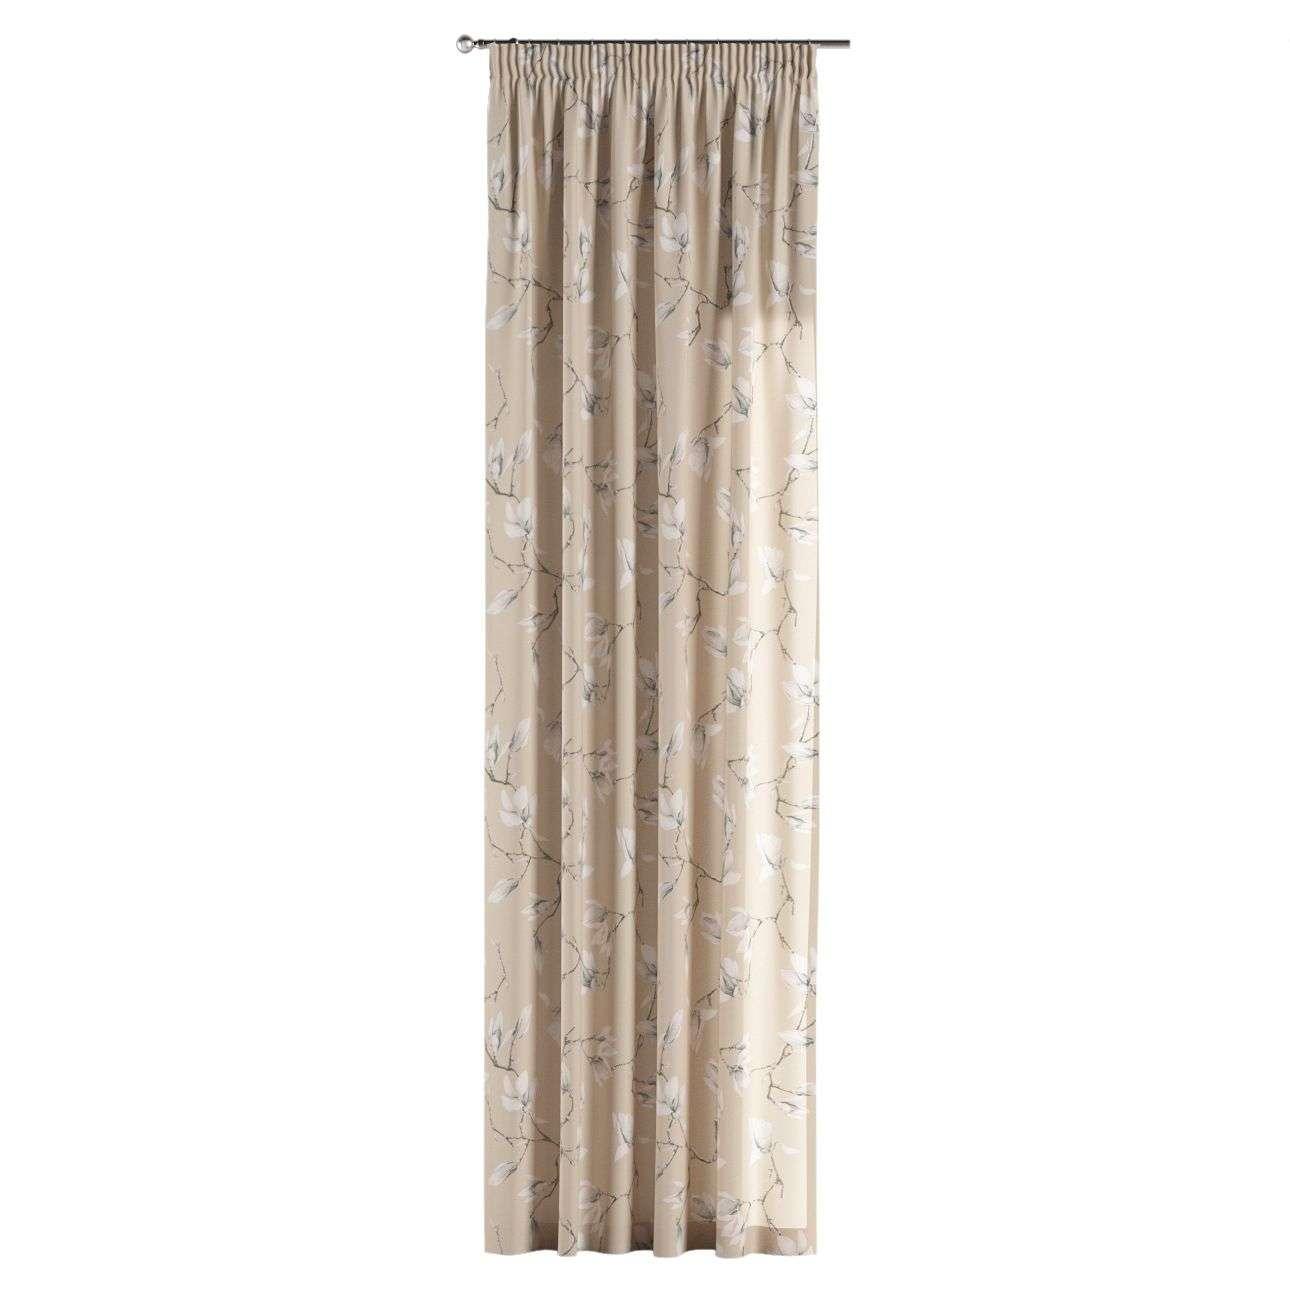 Závěs s řasící páskou 130 x 260 cm v kolekci Flowers, látka: 311-12